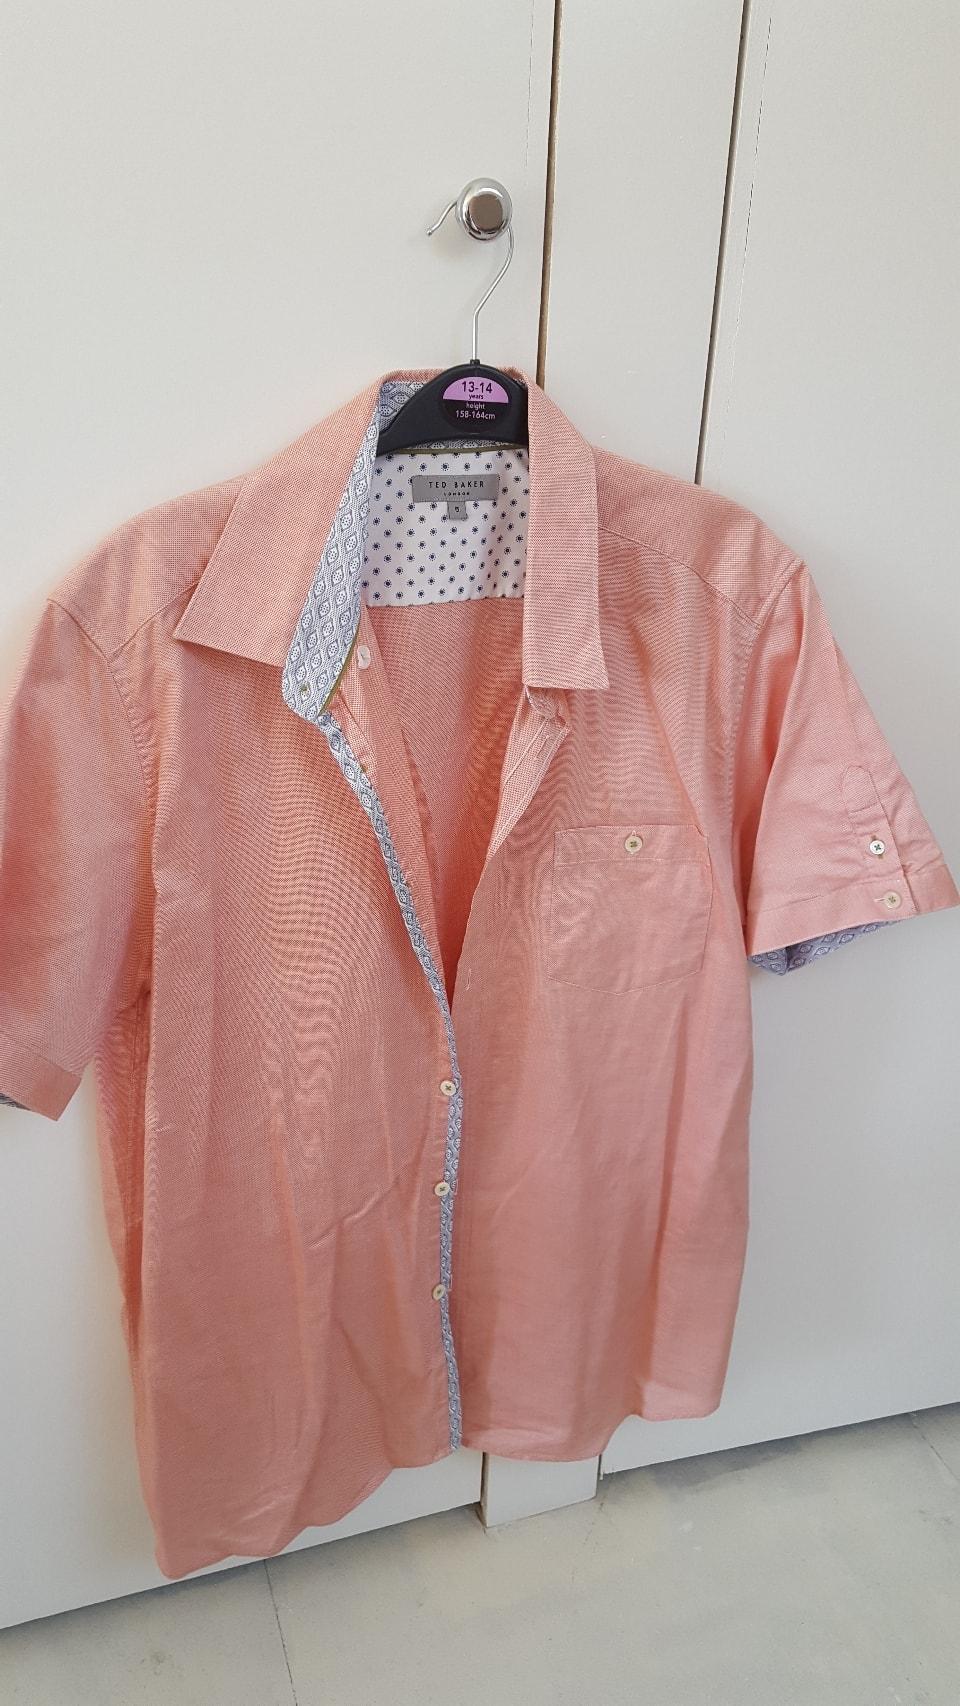 Man's Ted Baker shirt